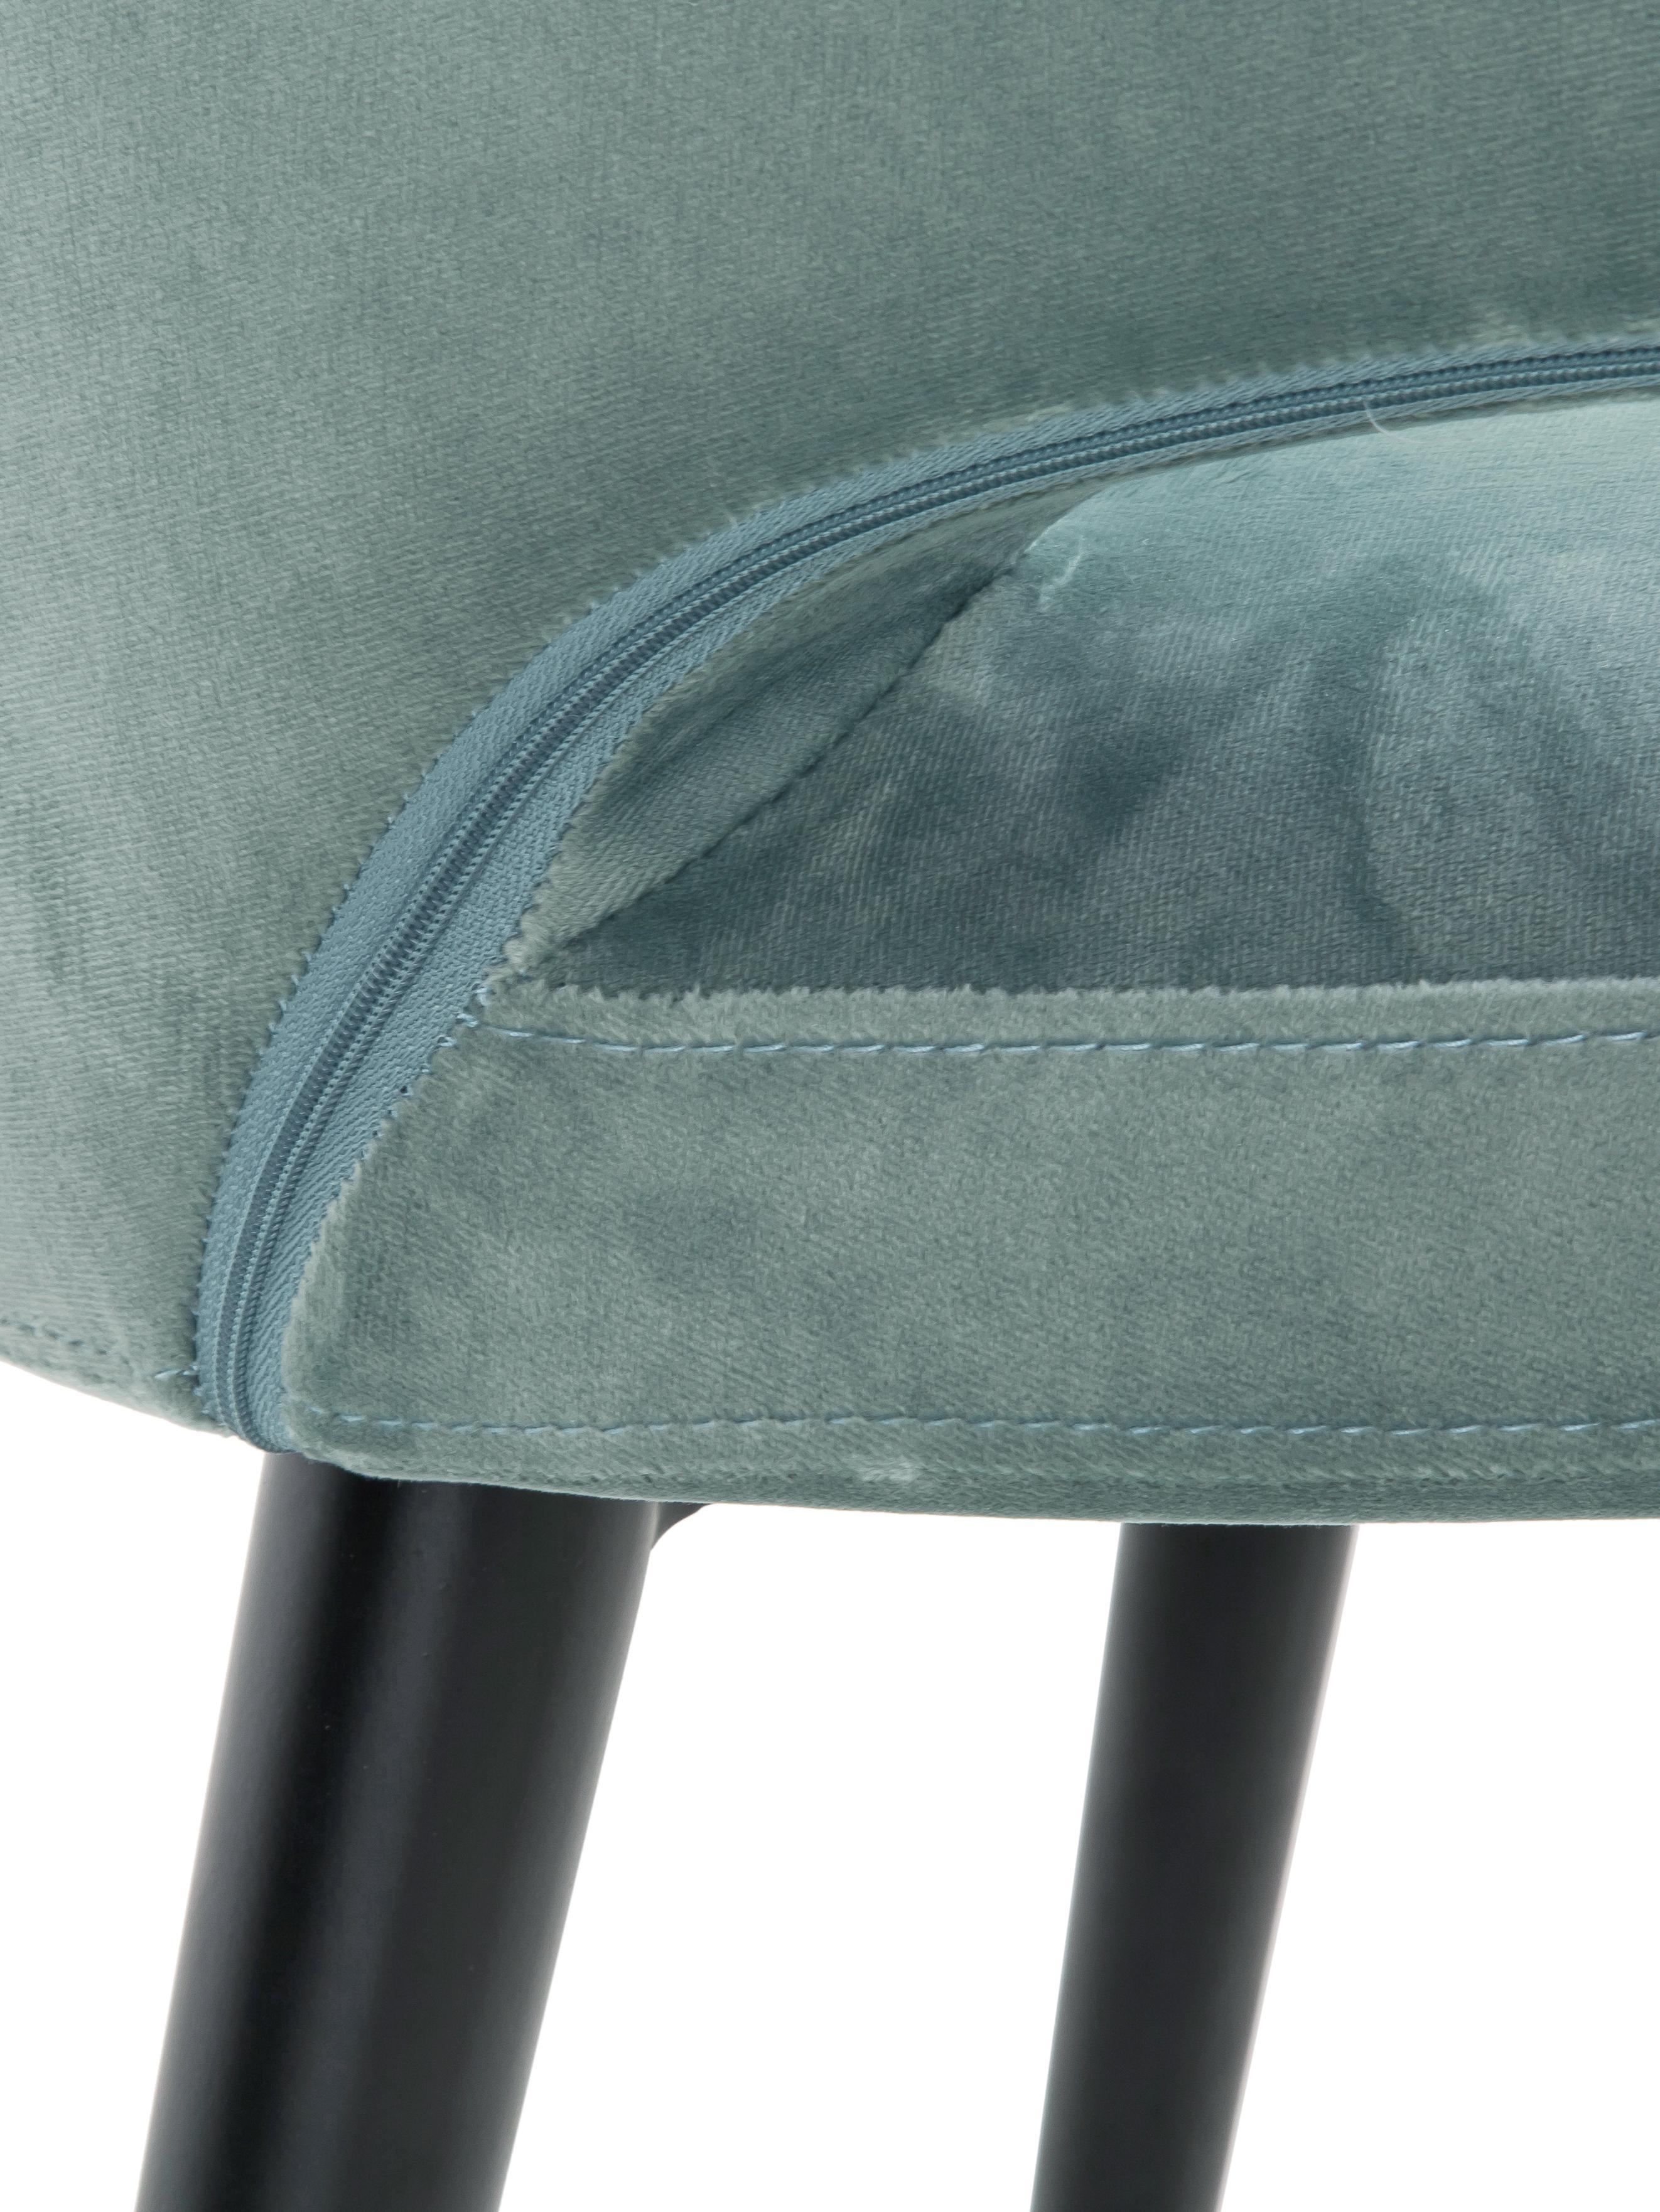 Samt-Armlehnstuhl Celia in modernem Design, Bezug: Samt (Polyester) 30.000 S, Beine: Metall, pulverbeschichtet, Samt Salbeifarben, B 57 x T 62 cm